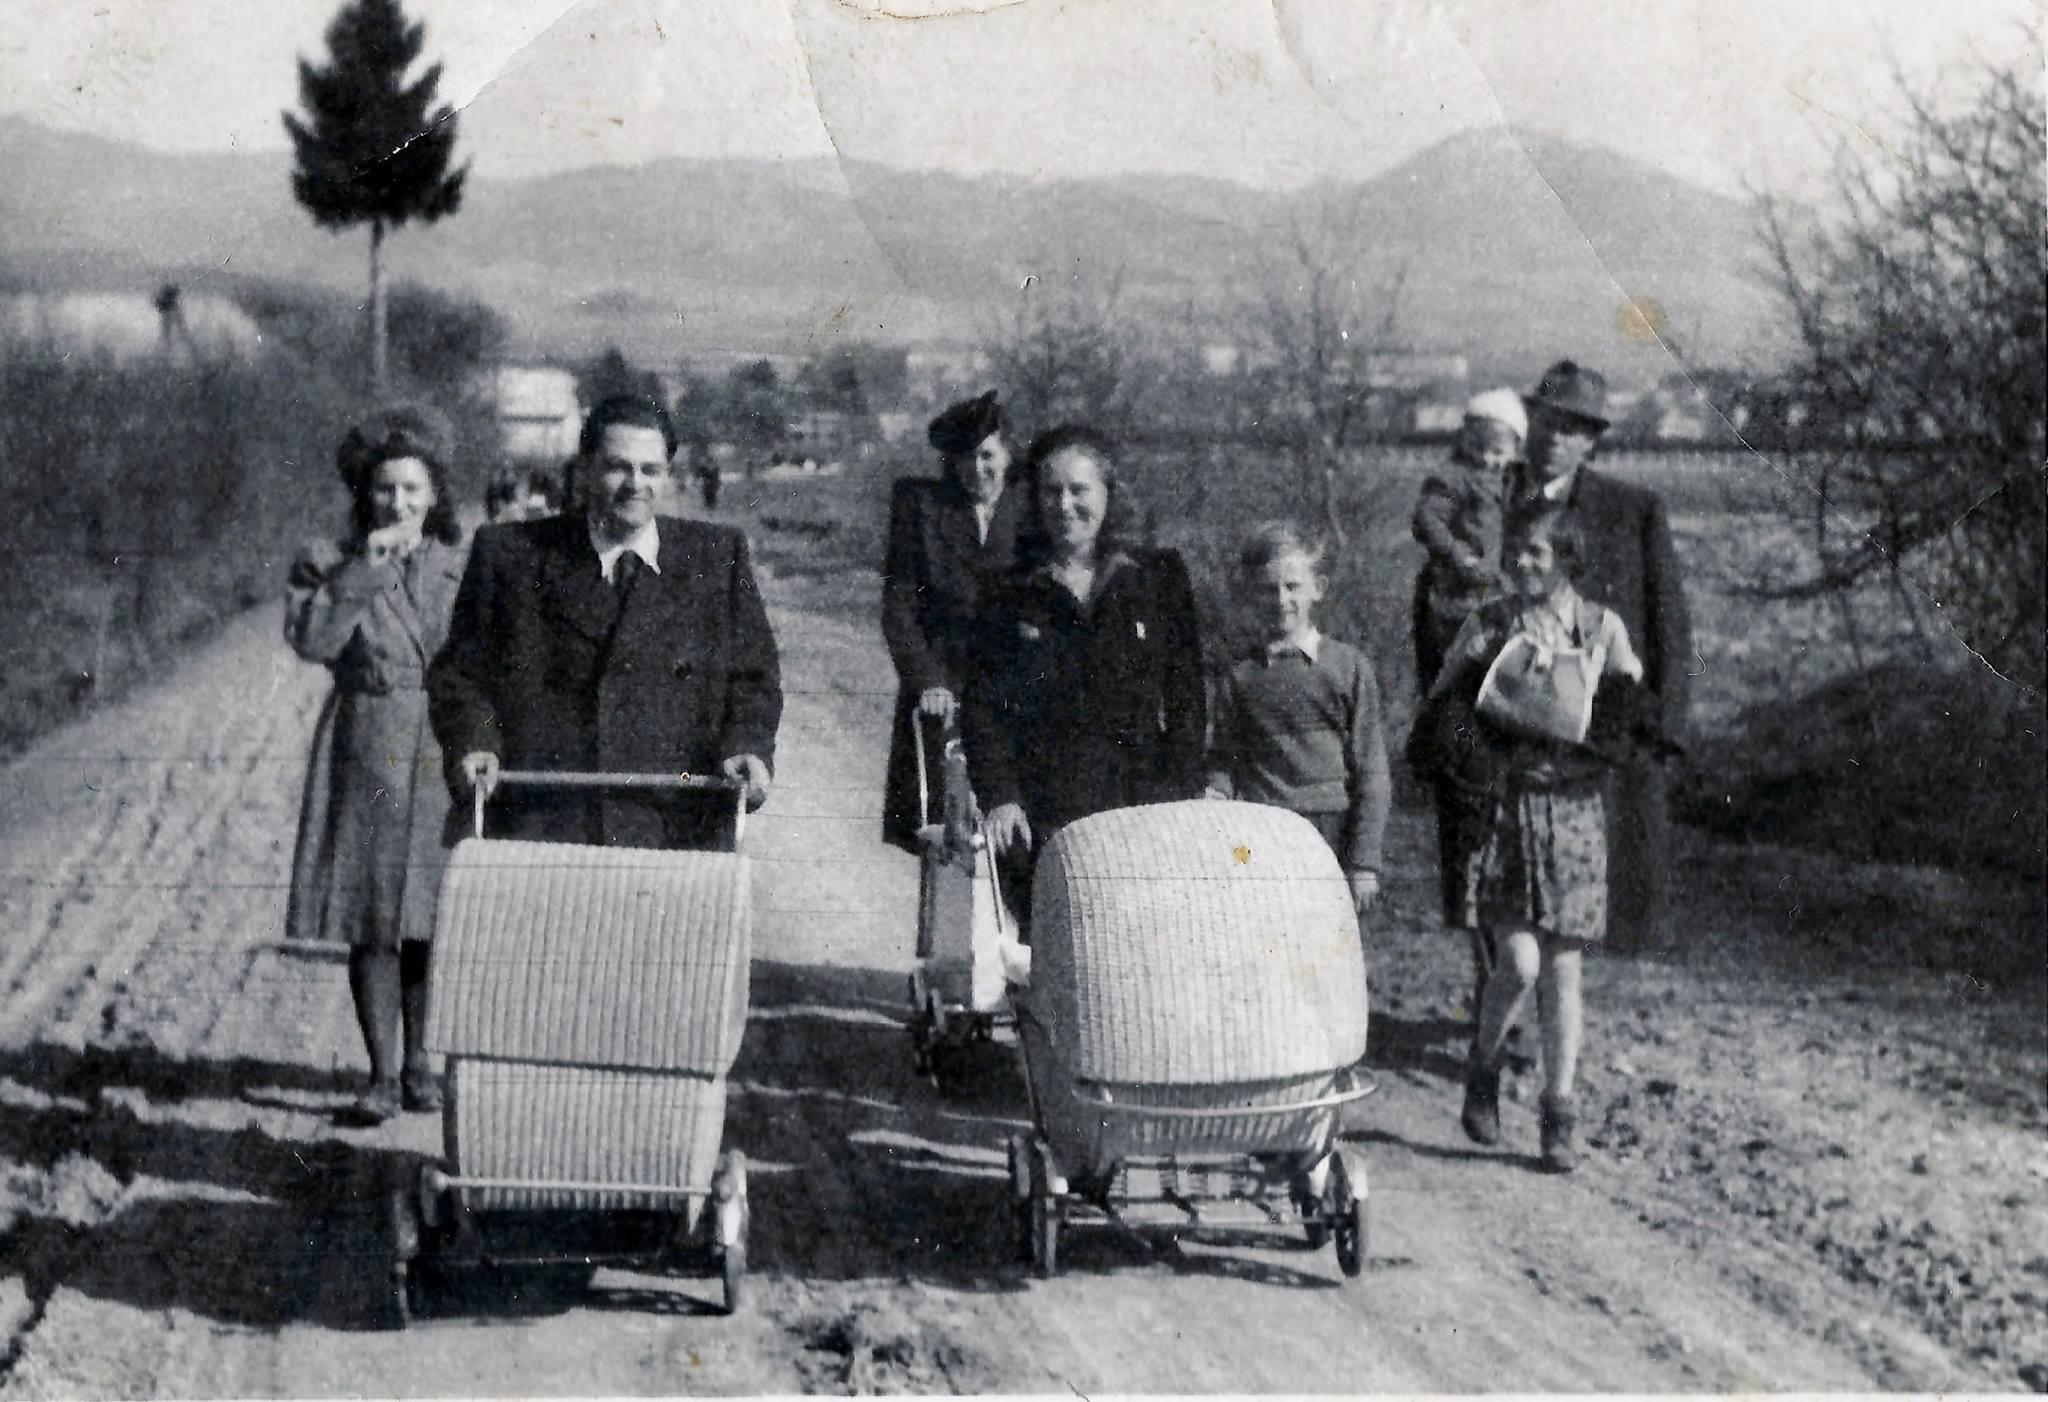 Rodinky na prechádzke po starej ceste na stráne, 1947